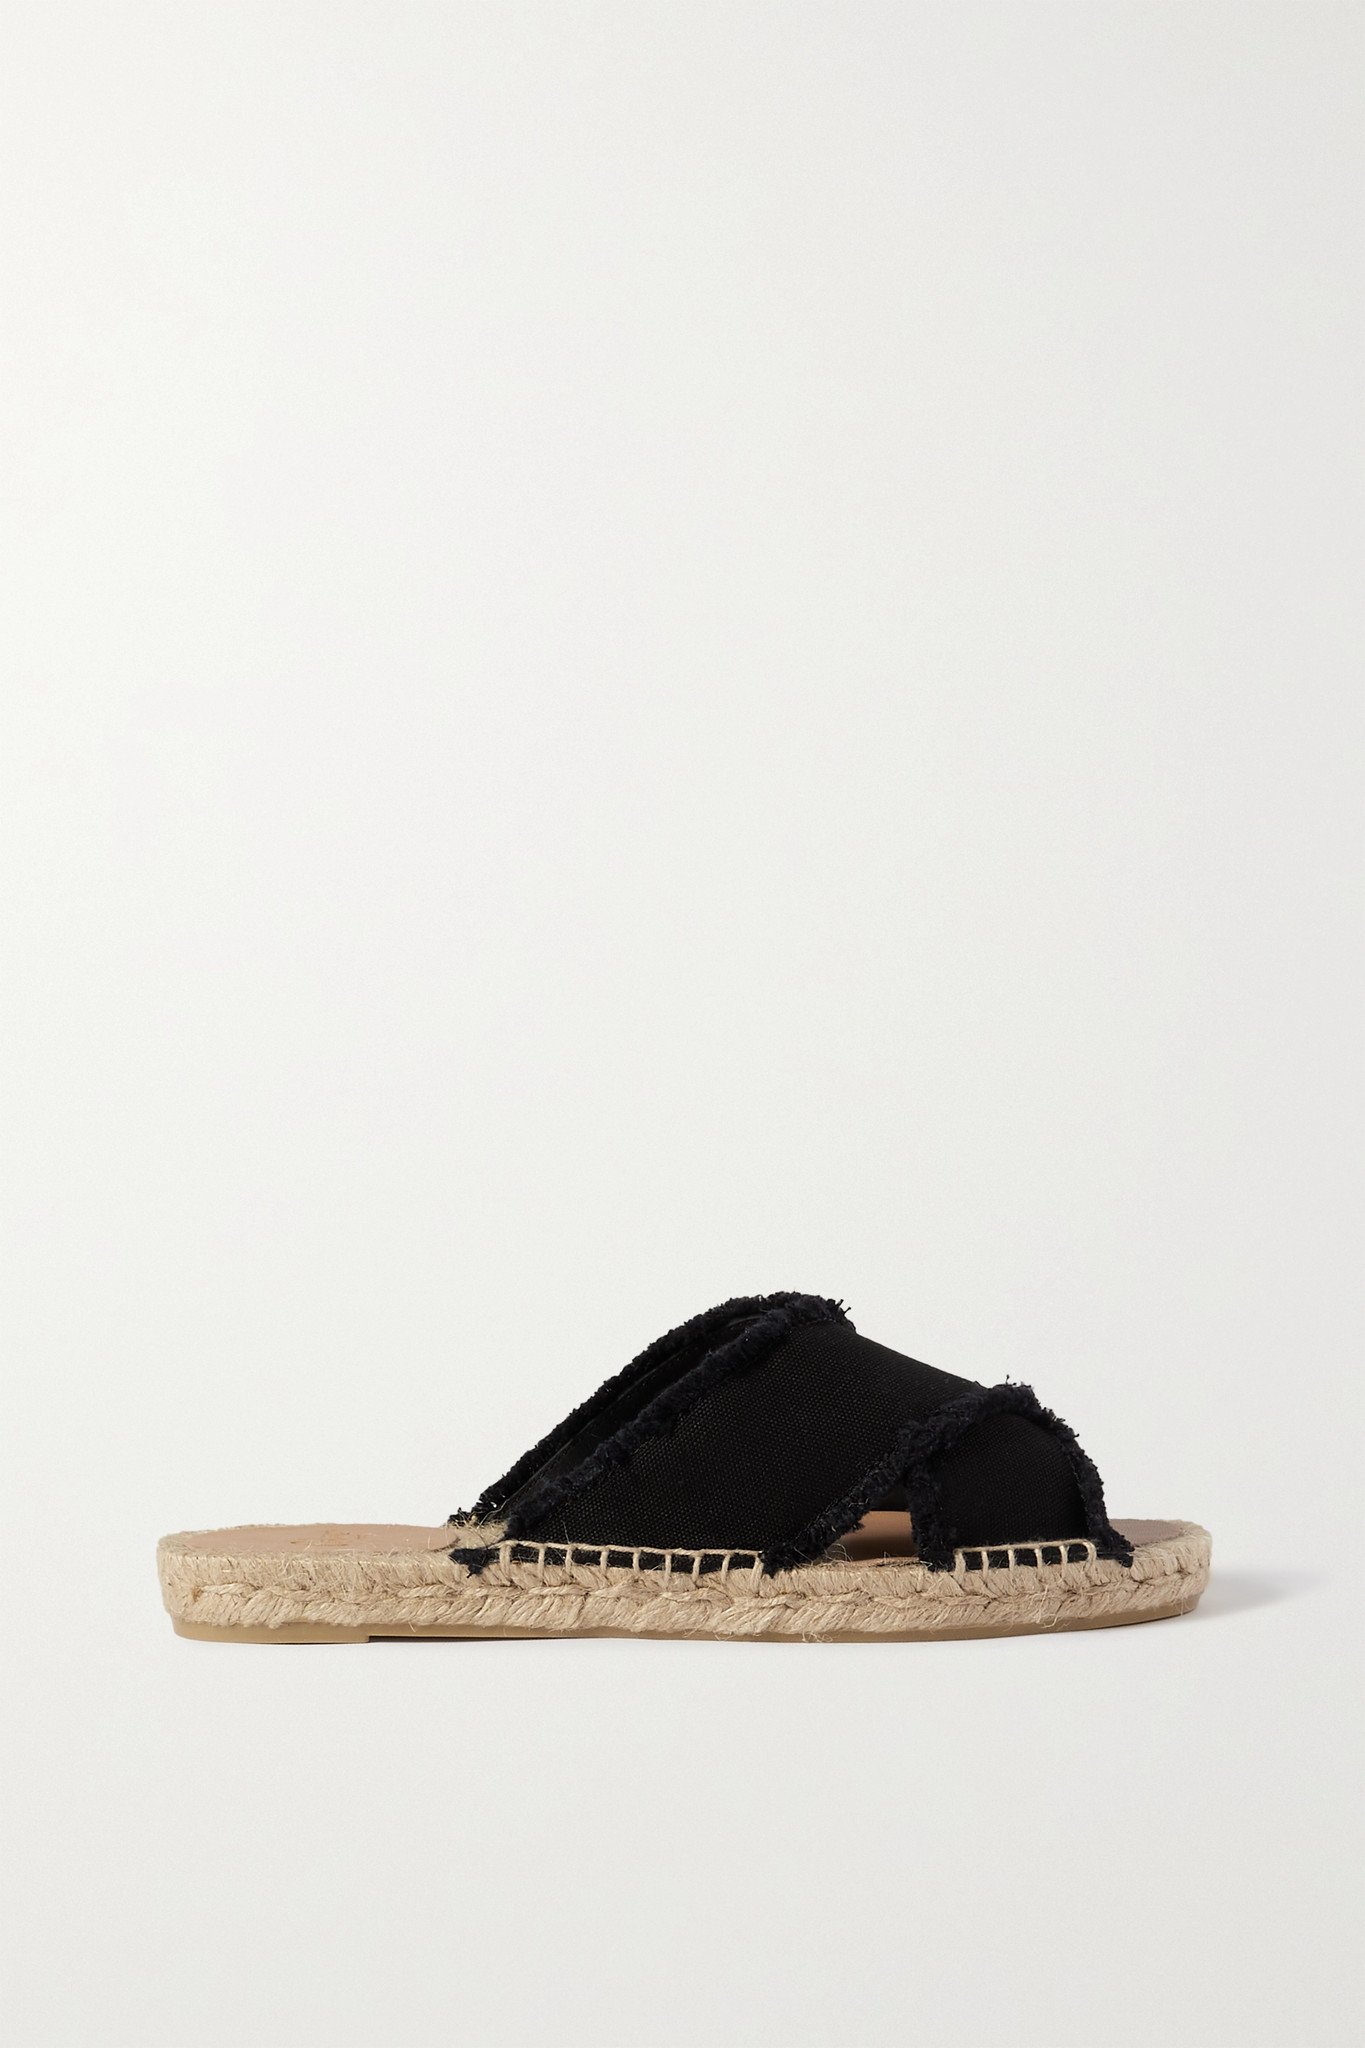 CASTAÑER - Palmera 毛边帆布麻底拖鞋 - 黑色 - IT35